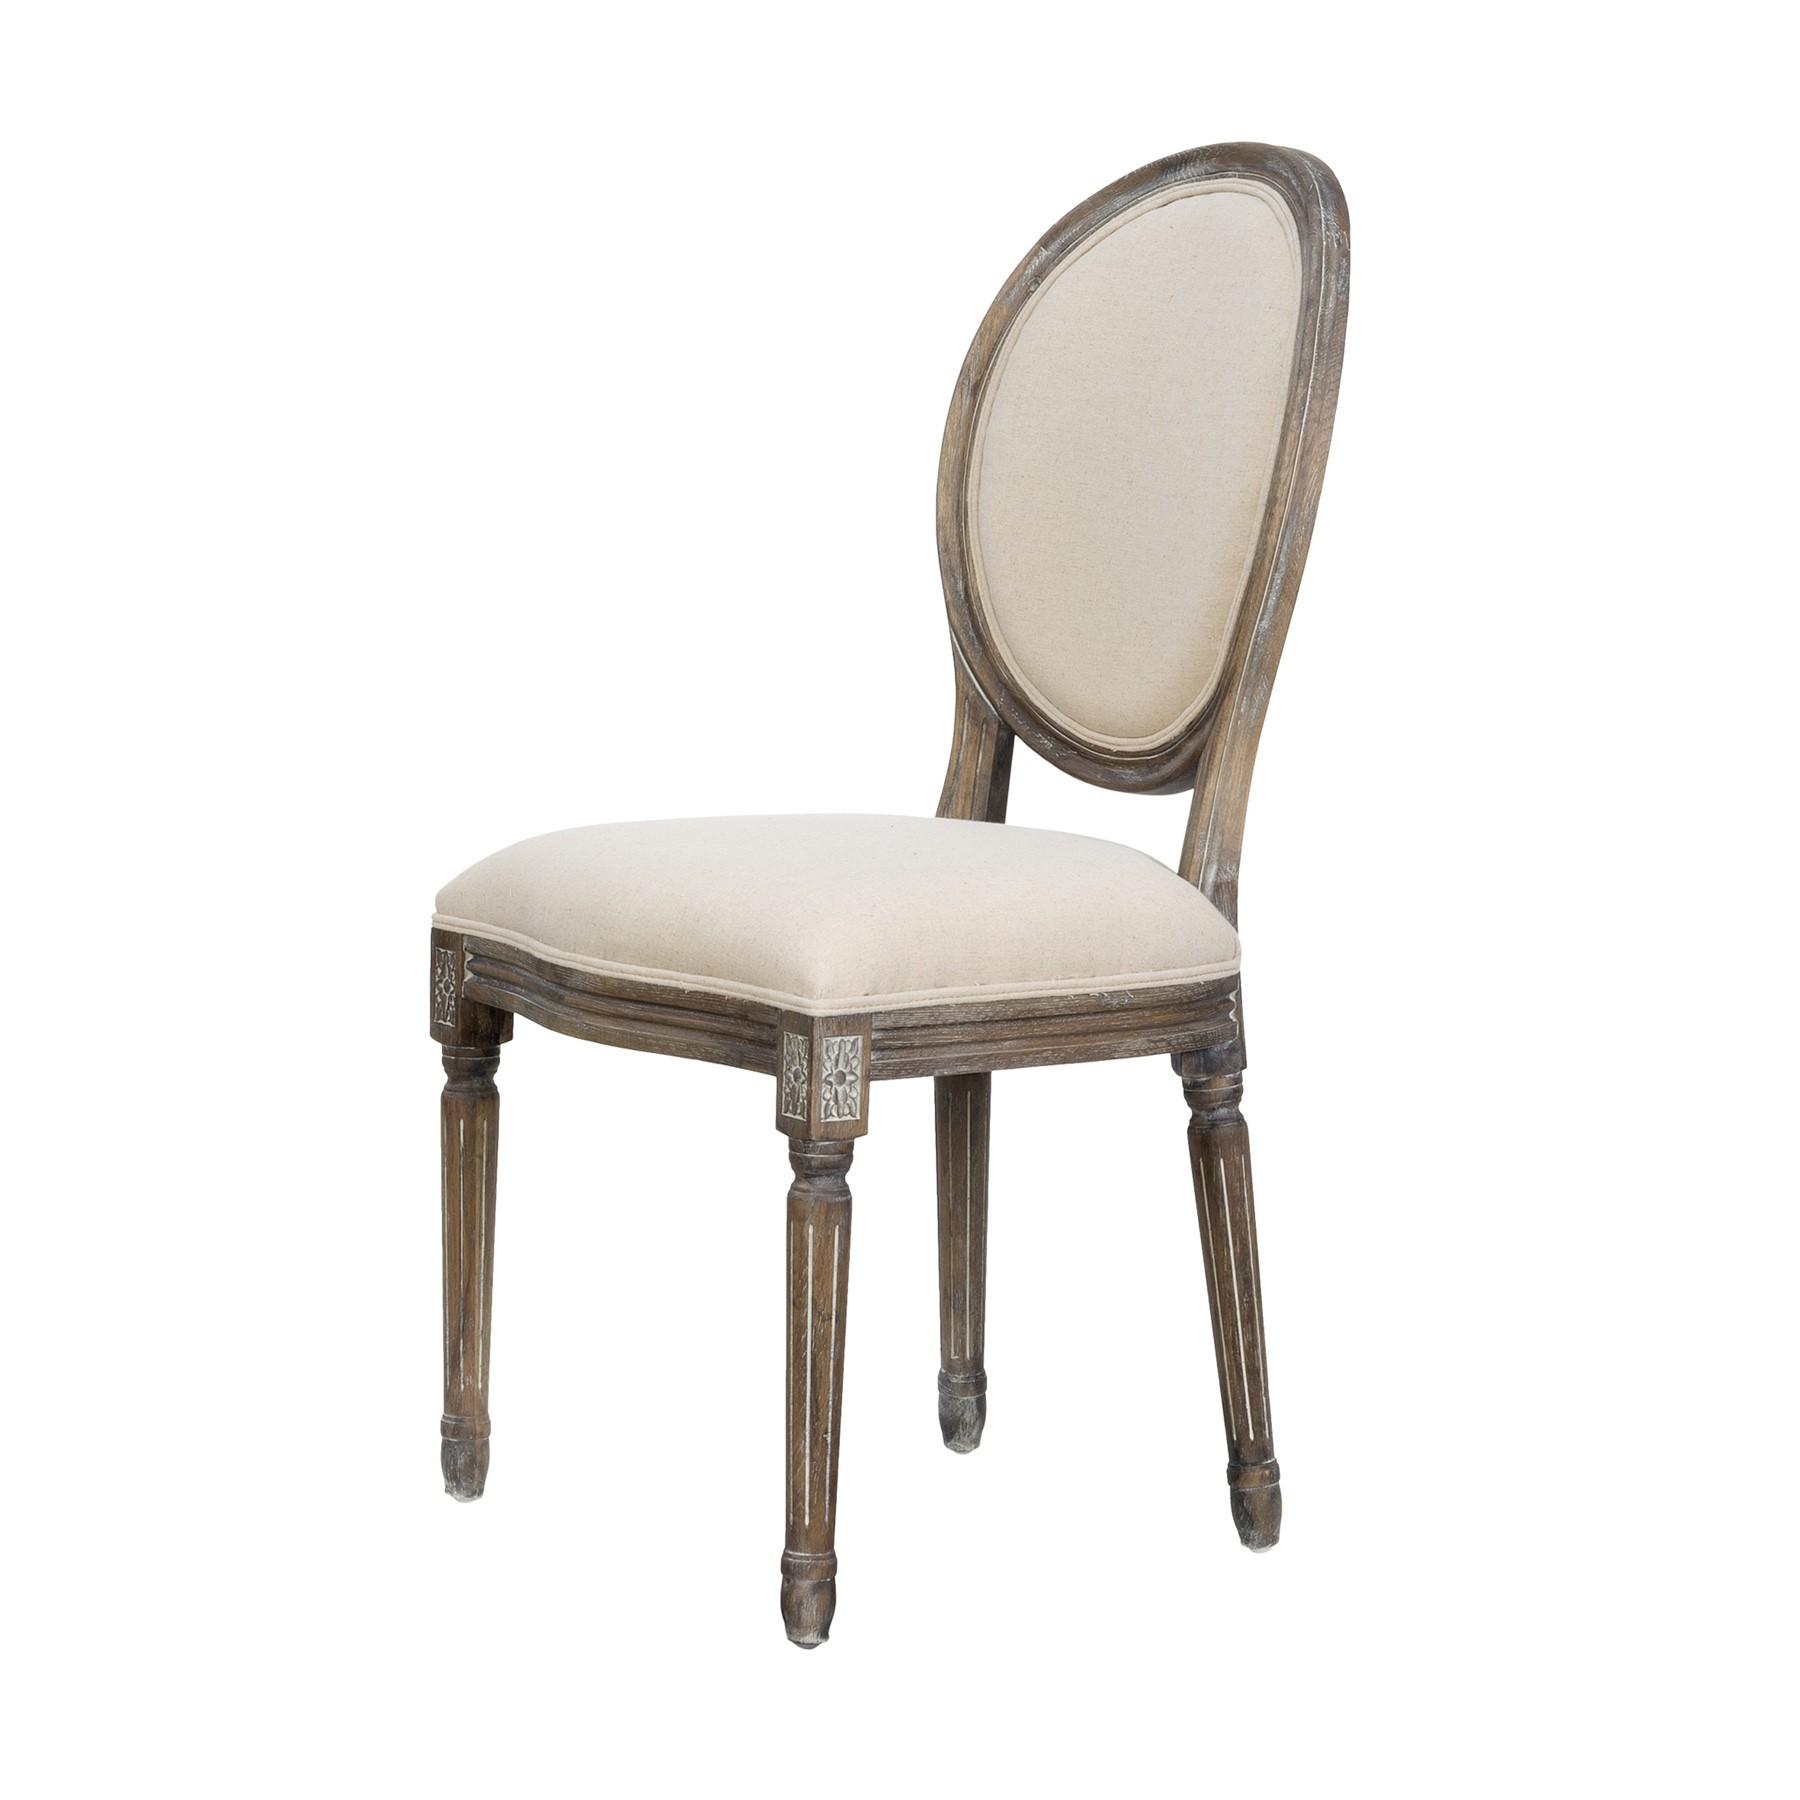 Sillas luis xvi modernas fabulous sillas luis xvi for Sillas medallon baratas